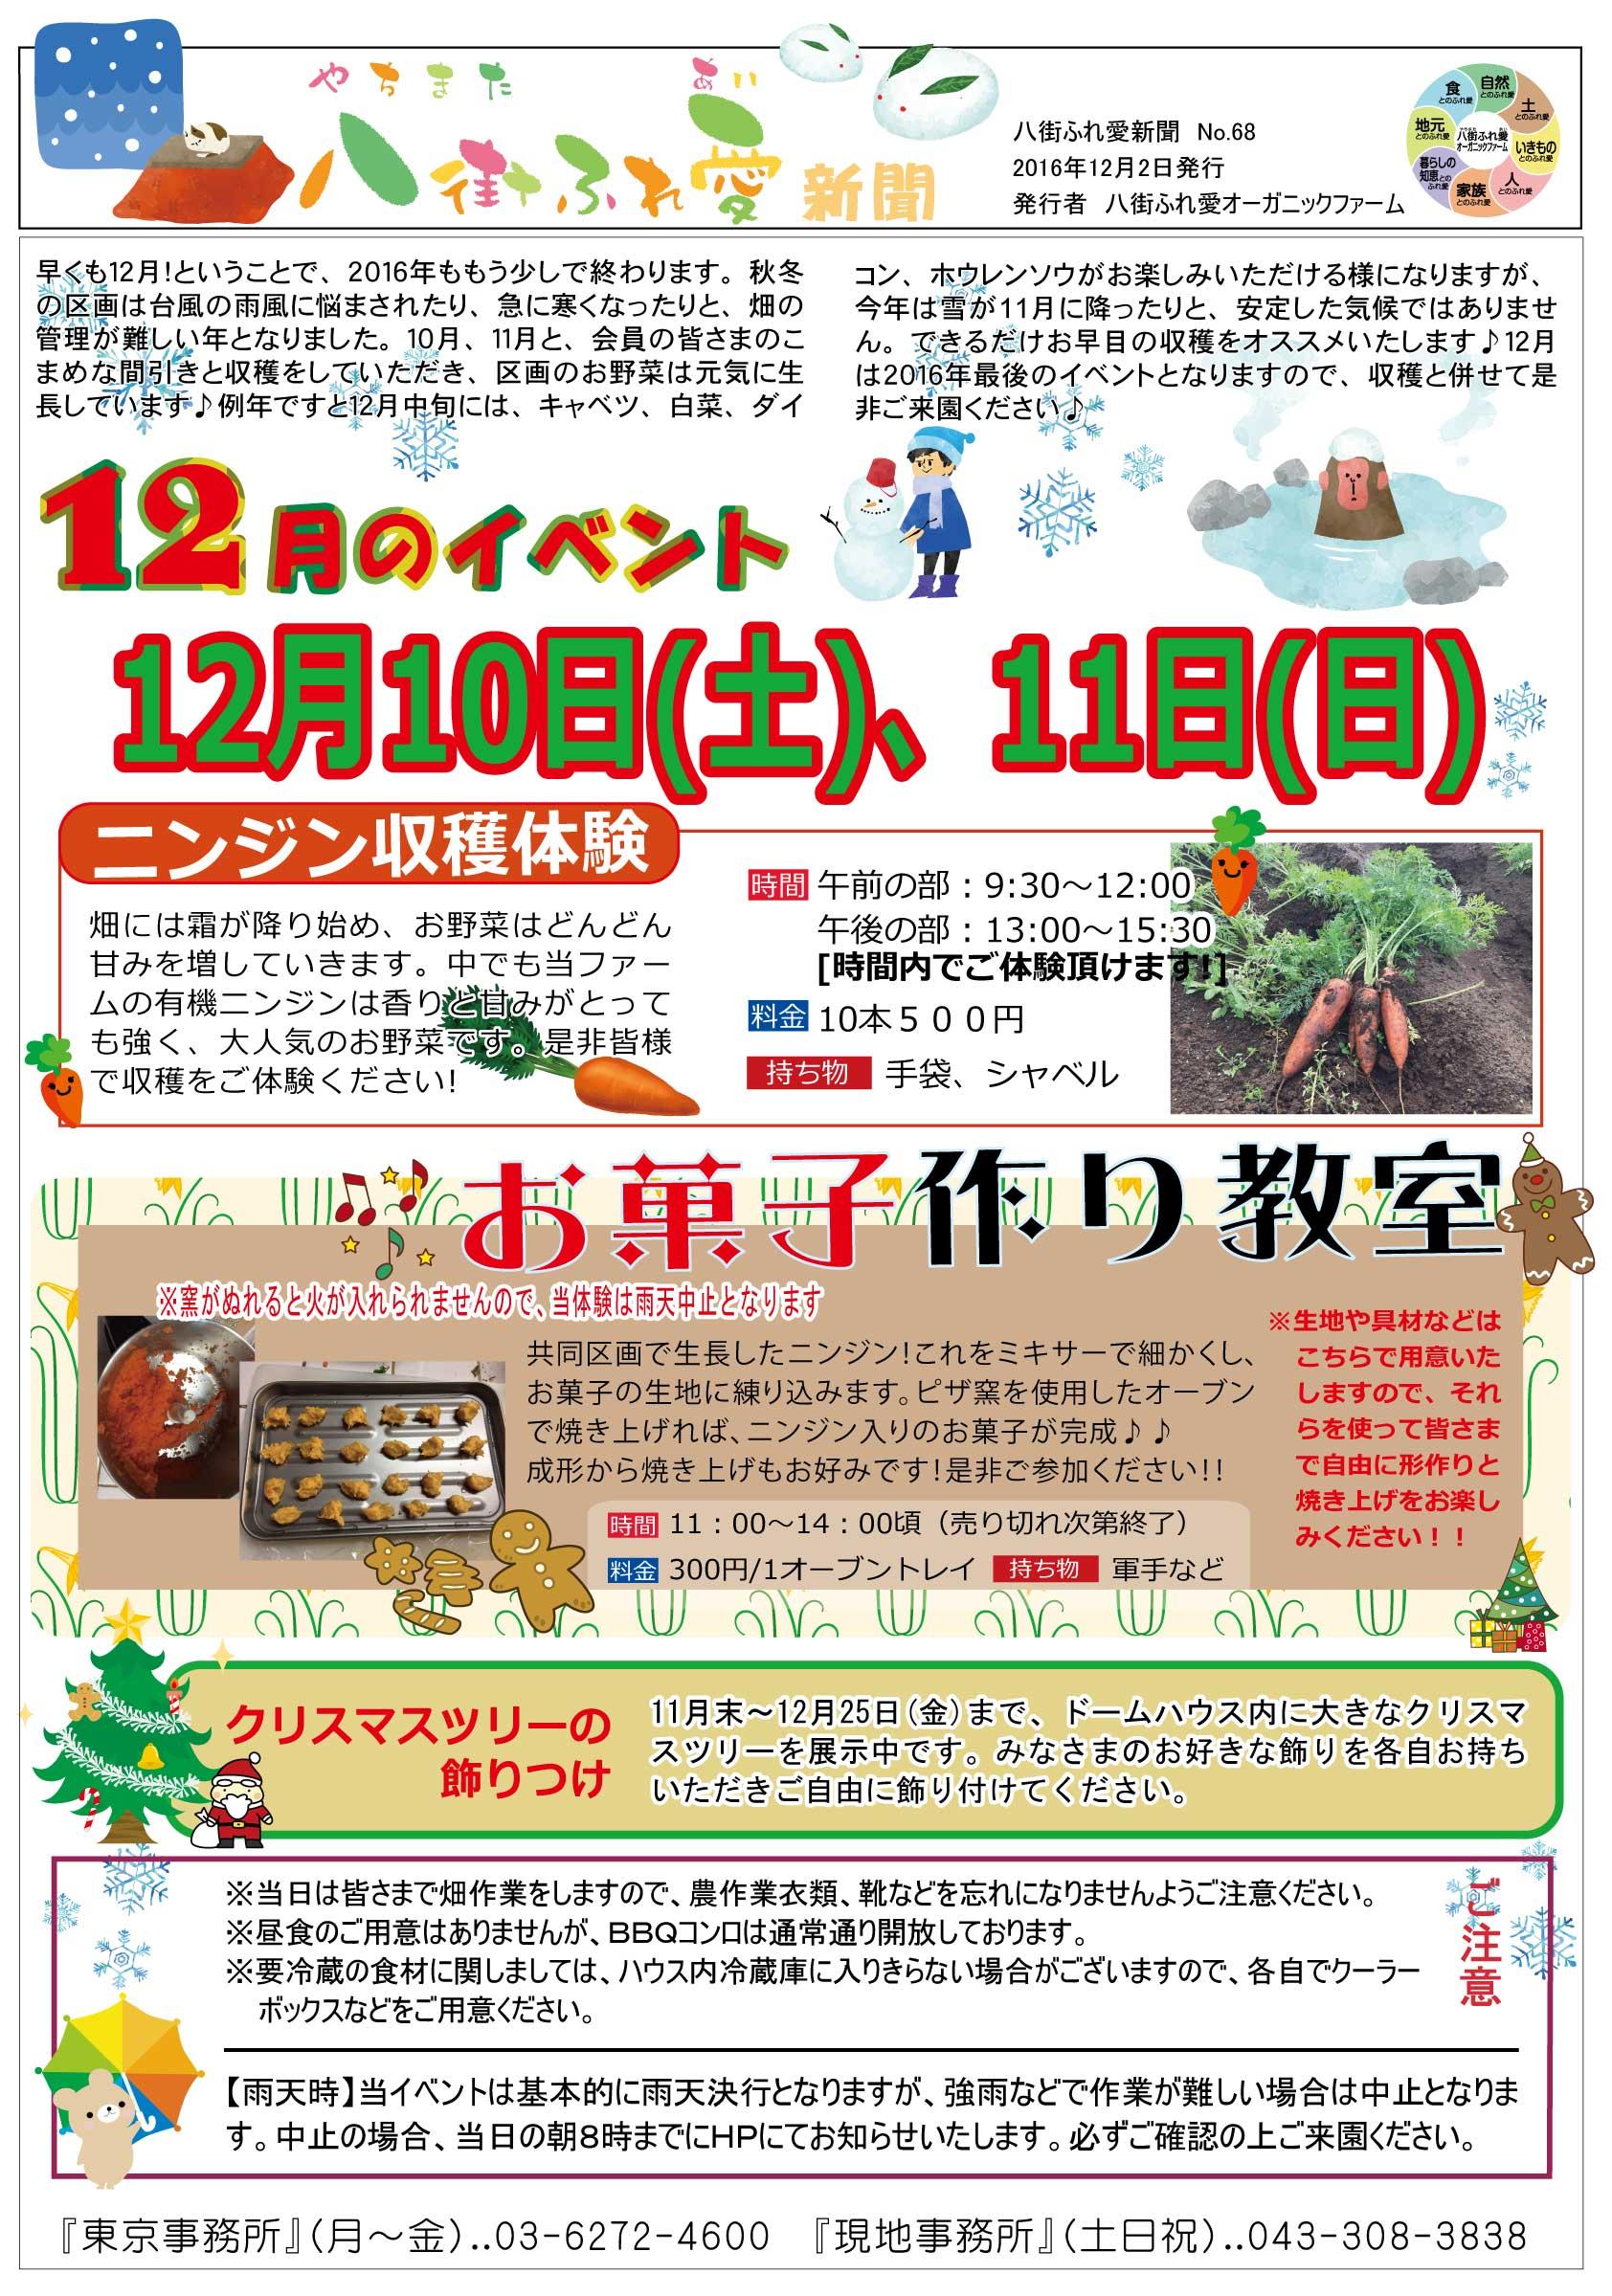 12月のイベント、12月10日(土)、11日(日)お菓子作り教室